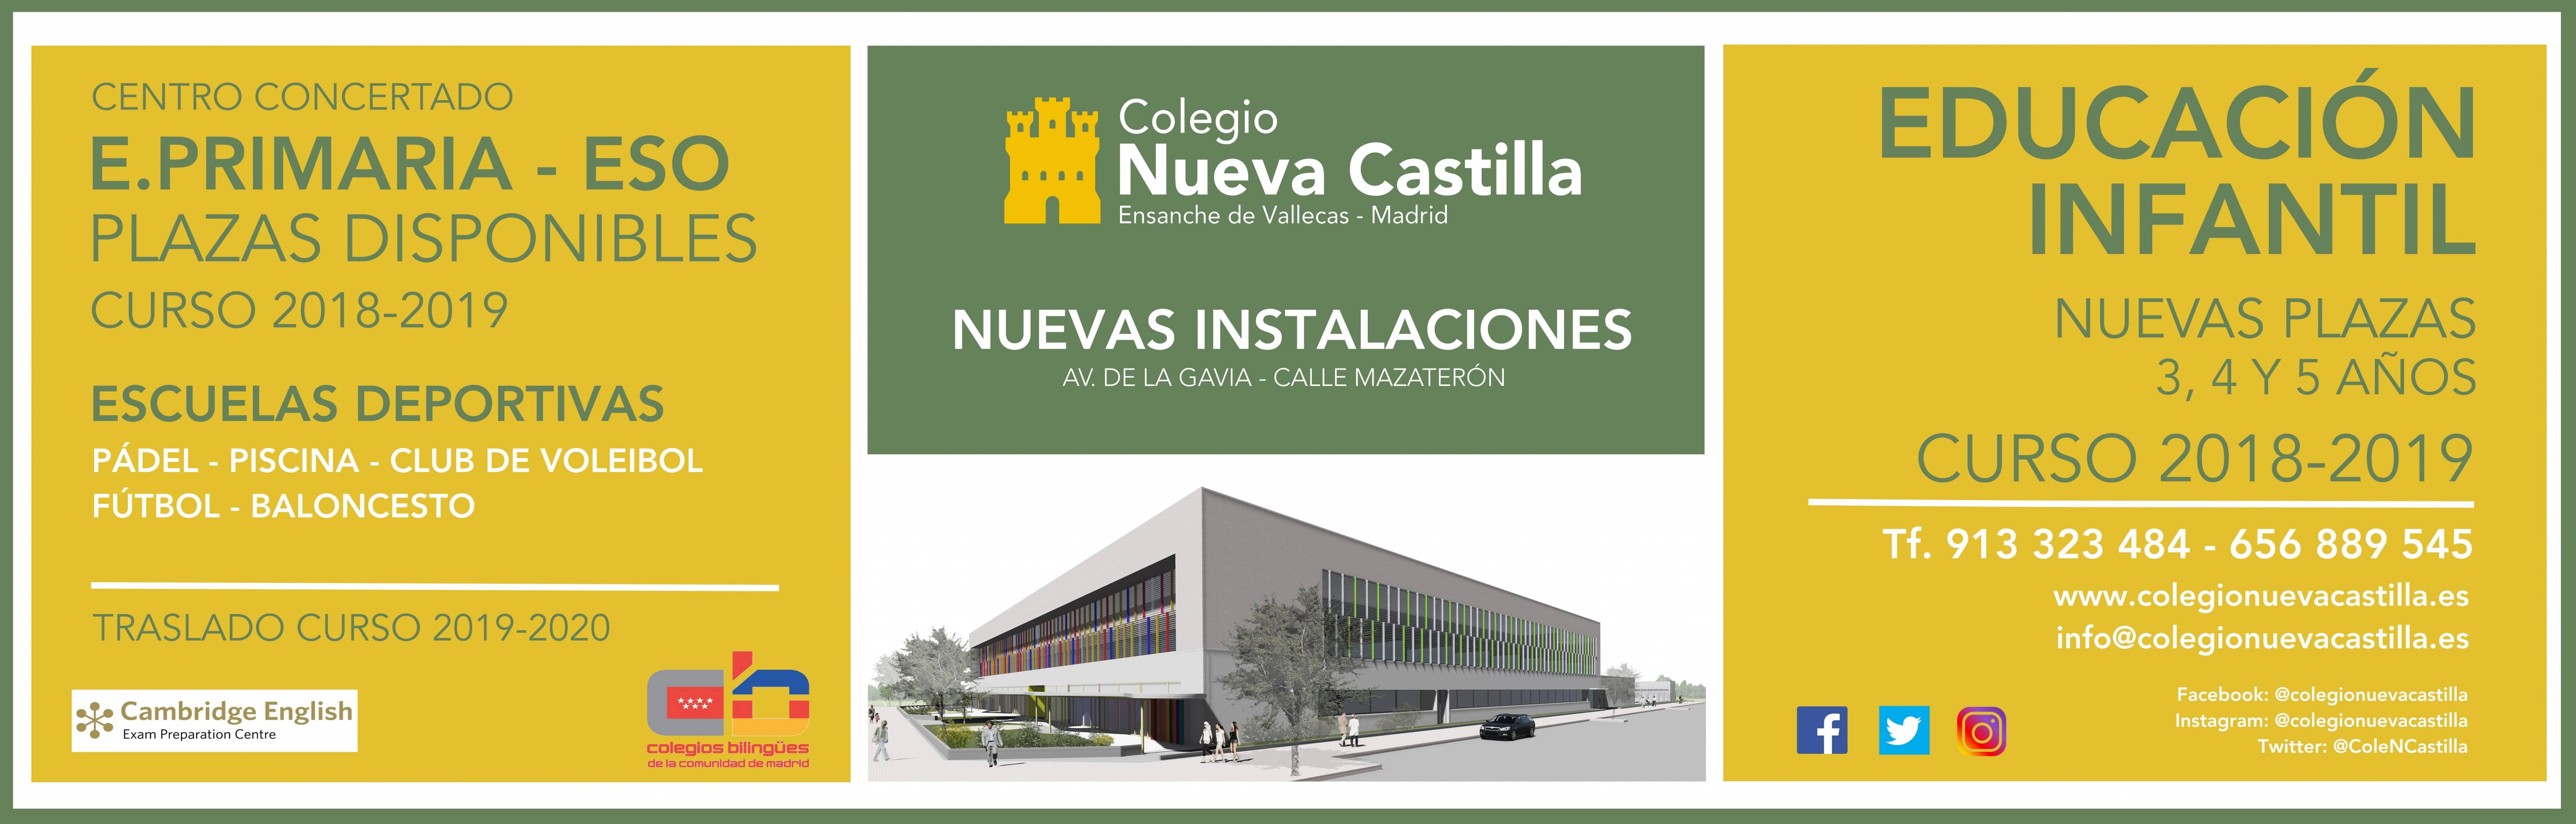 Precio reducido edor 2018 2019 Colegio Altamira